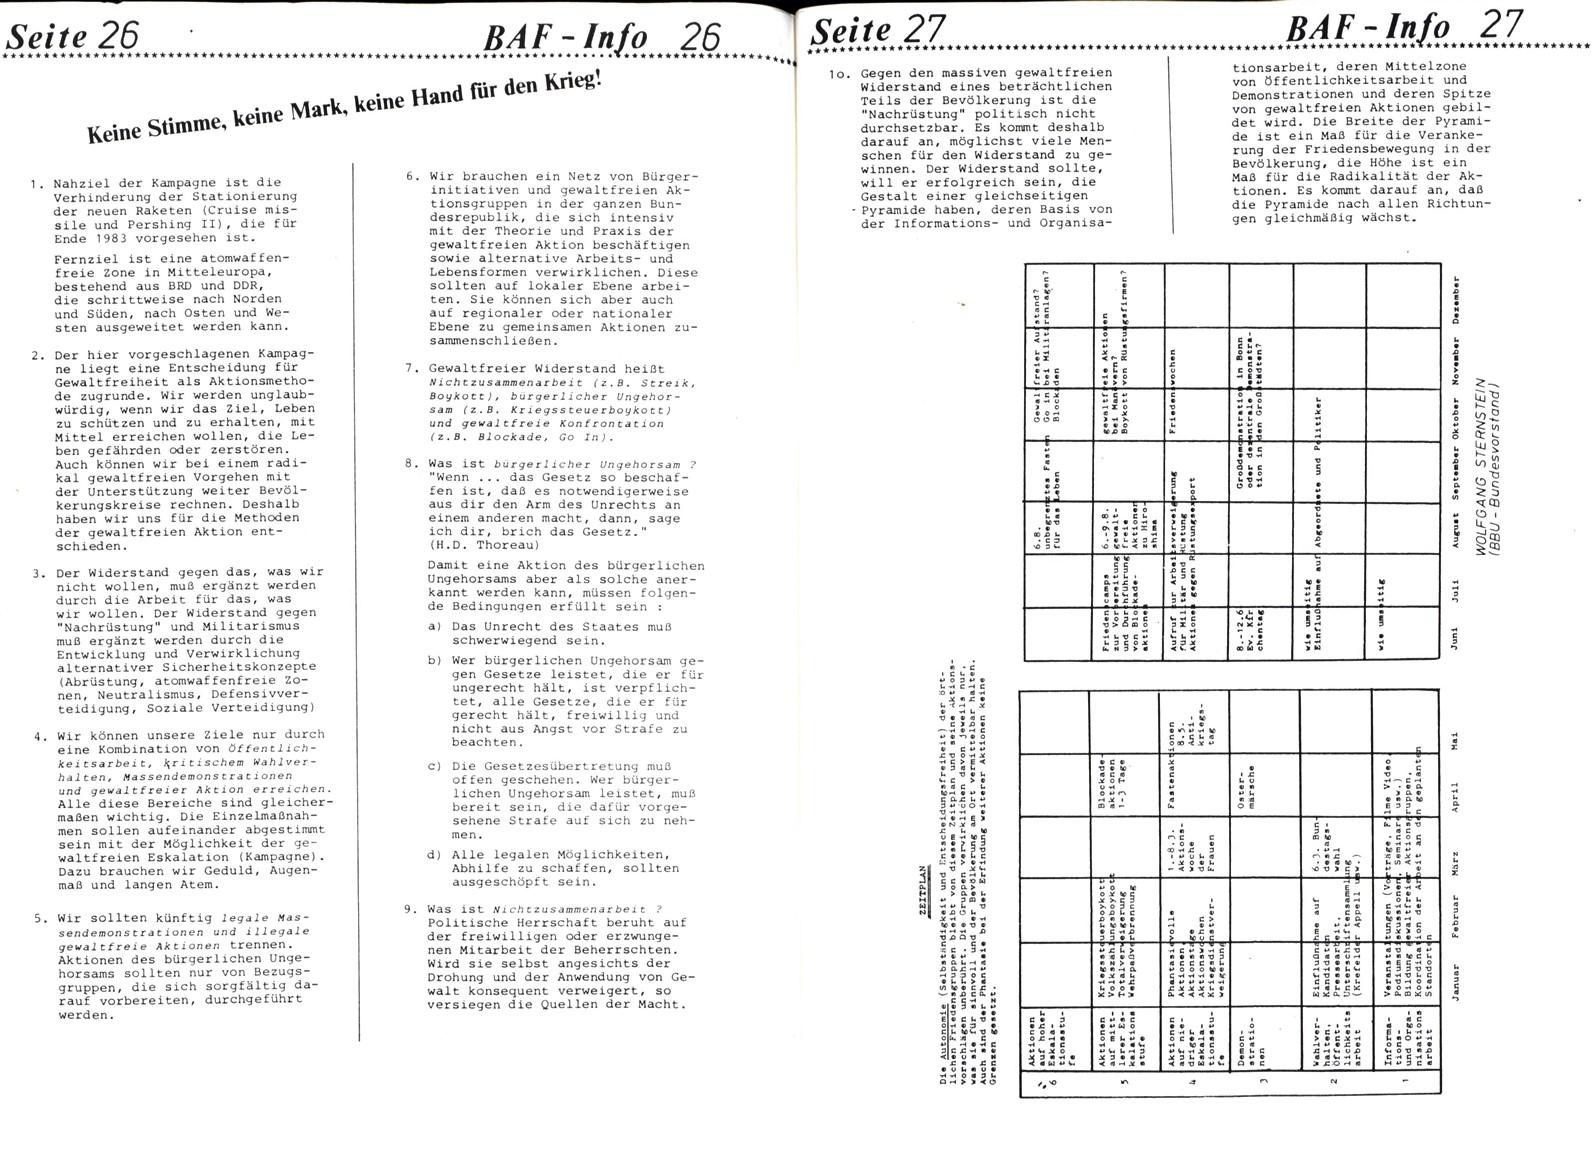 BAF_Info_02_19830100_14